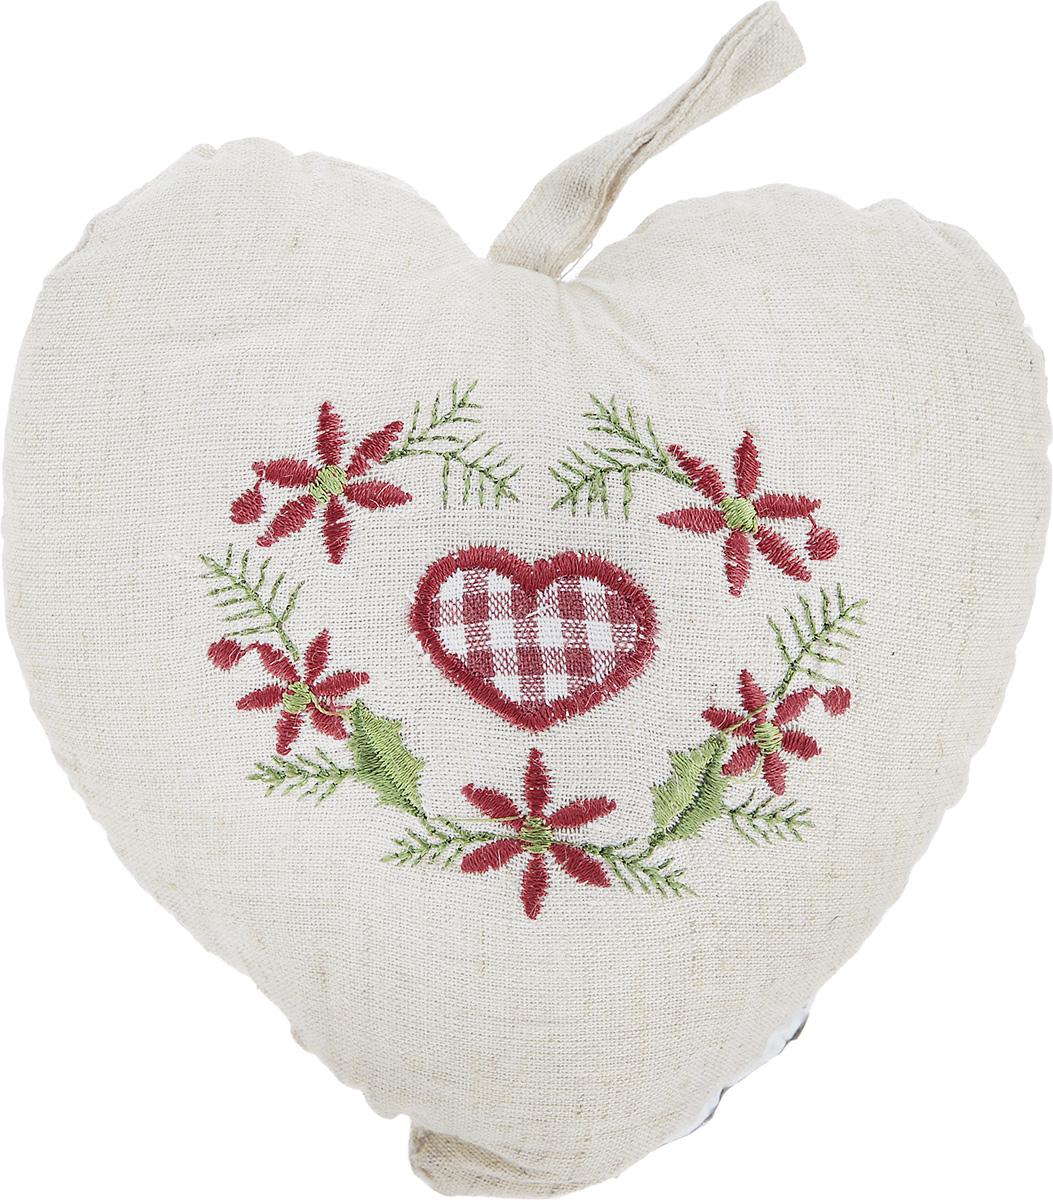 Подушка декоративная Schaefer Сердце, 15 х 15 см17102024Подушка Schaefer Сердце станет отличным украшением интерьера. Изделие выполнено в форме сердца из хлопка с добавлением льна и оснащено петелькой для подвешивания. Лицевая сторона подушки декорирована вышивкой в виде клетчатого сердечка и цветочного орнамента. Внутри - мягкий наполнитель. Подушка Schaefer Сердце - это не только стильный предмет декора, но и хороший подарок вашим друзьям и близким, который подарит только положительные эмоции.